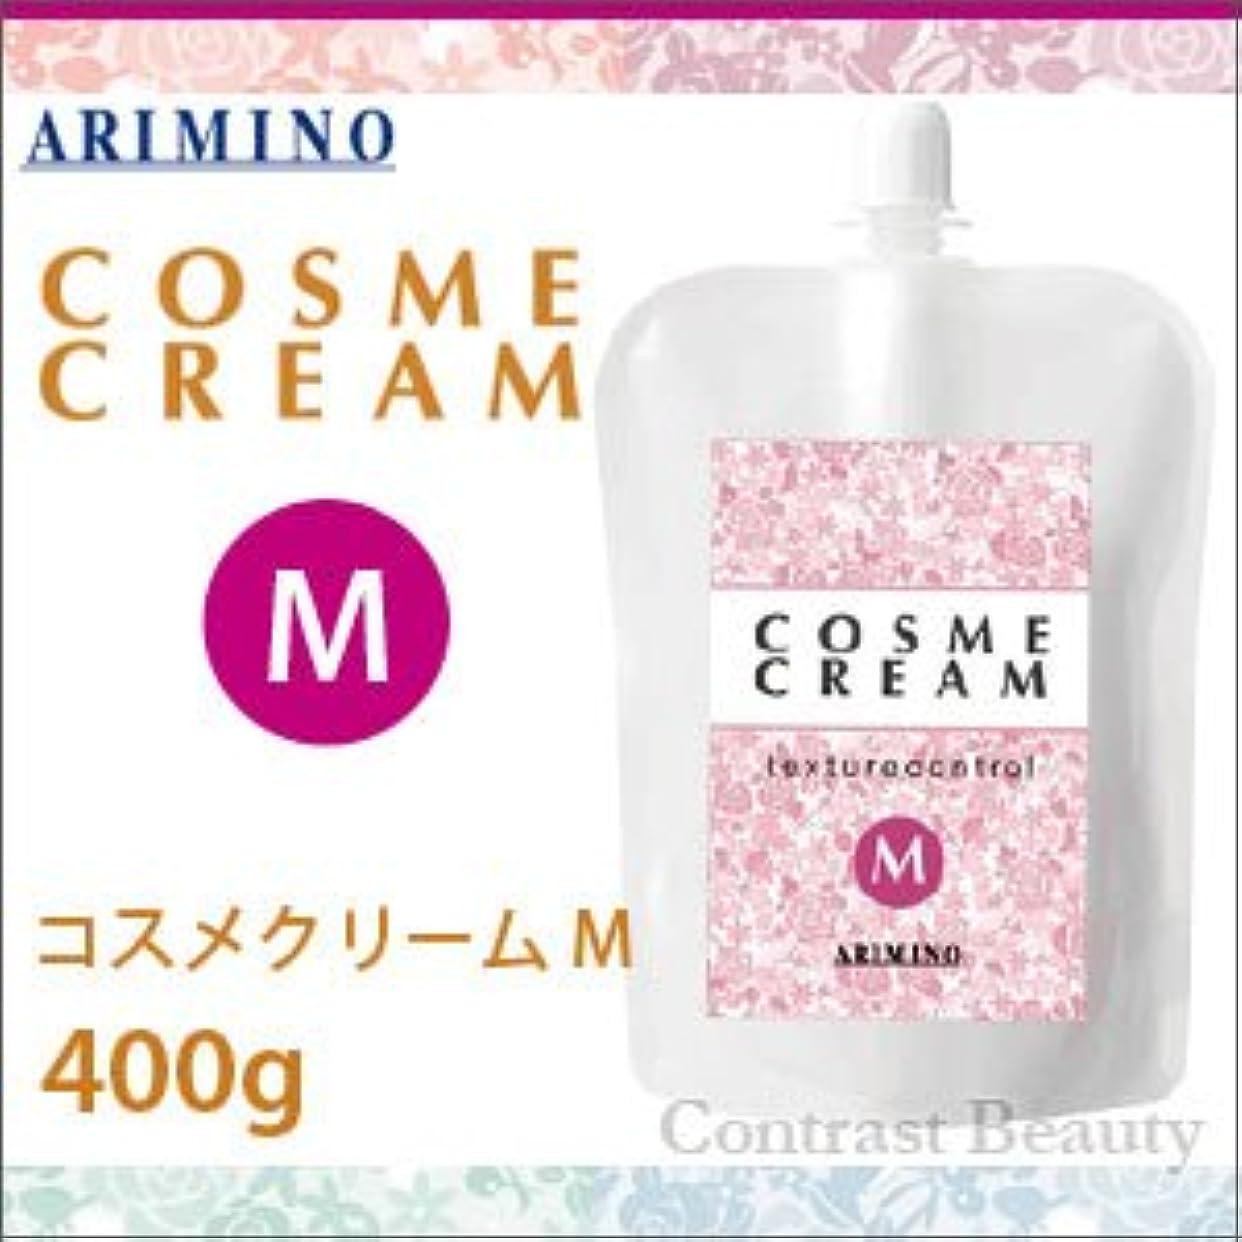 立ち向かうスキーム櫛【X5個セット】 アリミノ コスメクリーム M 400g